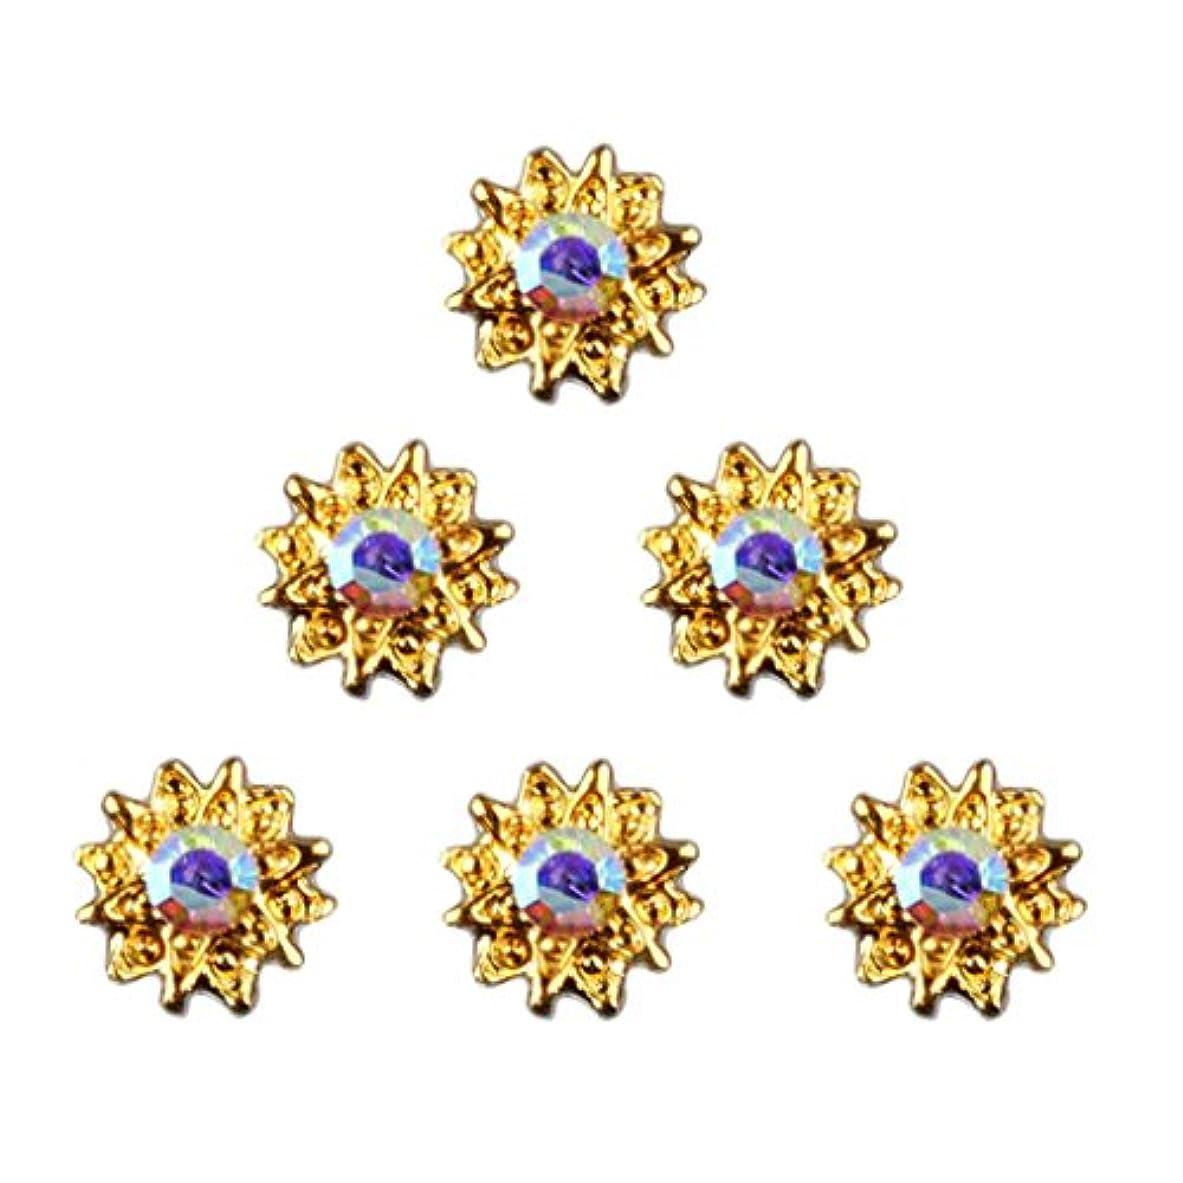 トランクライブラリ超えて社説Baosity ネイル ネイルデザイン ダイヤモンド 約50個 3Dネイルアート ヒントステッカー デコレーション おしゃれ 全8タイプ選べ - 5